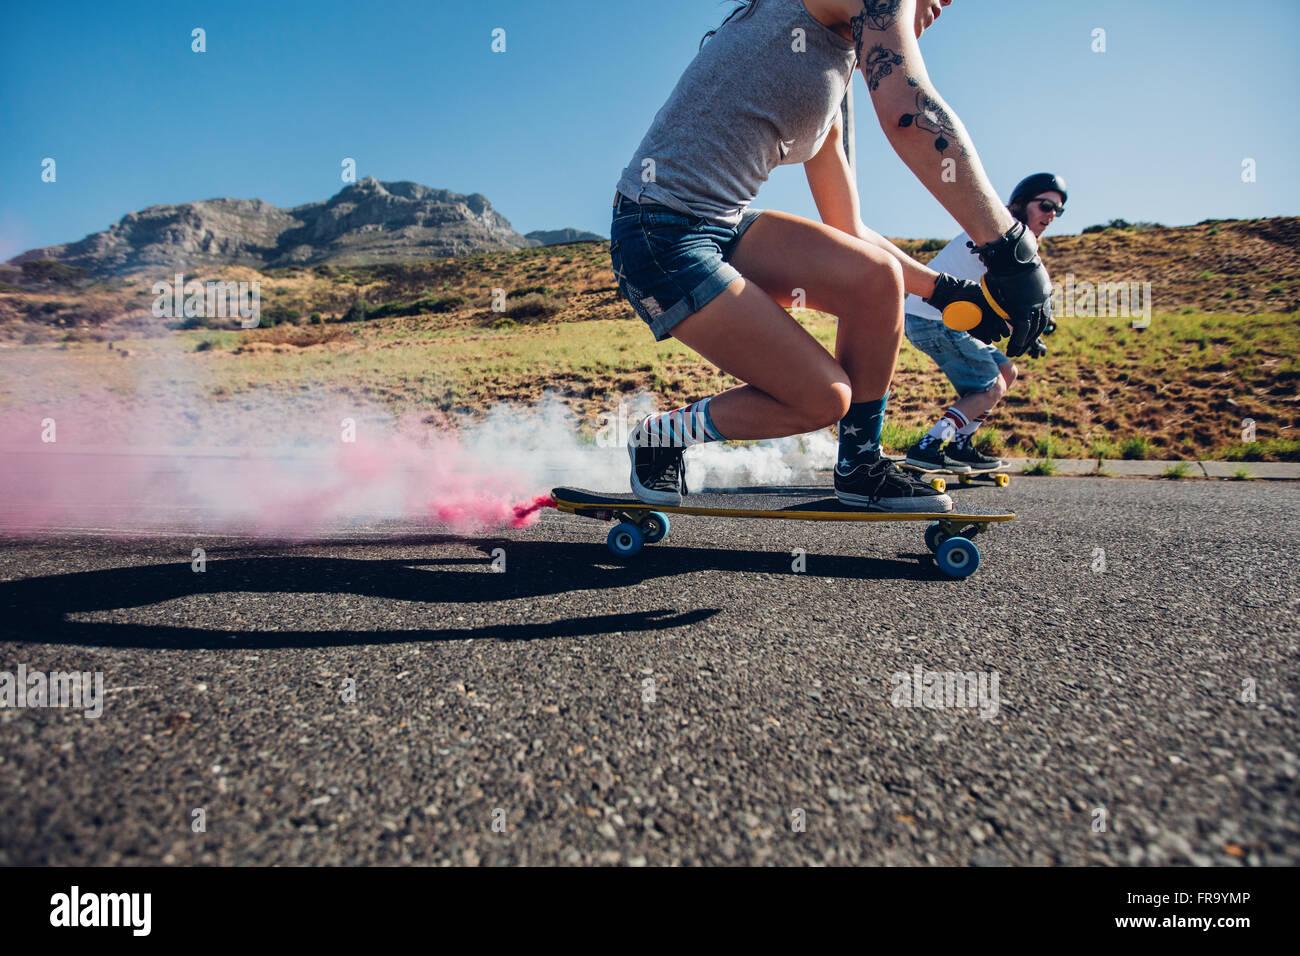 Mann und Frau Longboarden auf der Straße. Seitenansicht des jungen Menschen üben, Eislaufen im Freien Stockbild